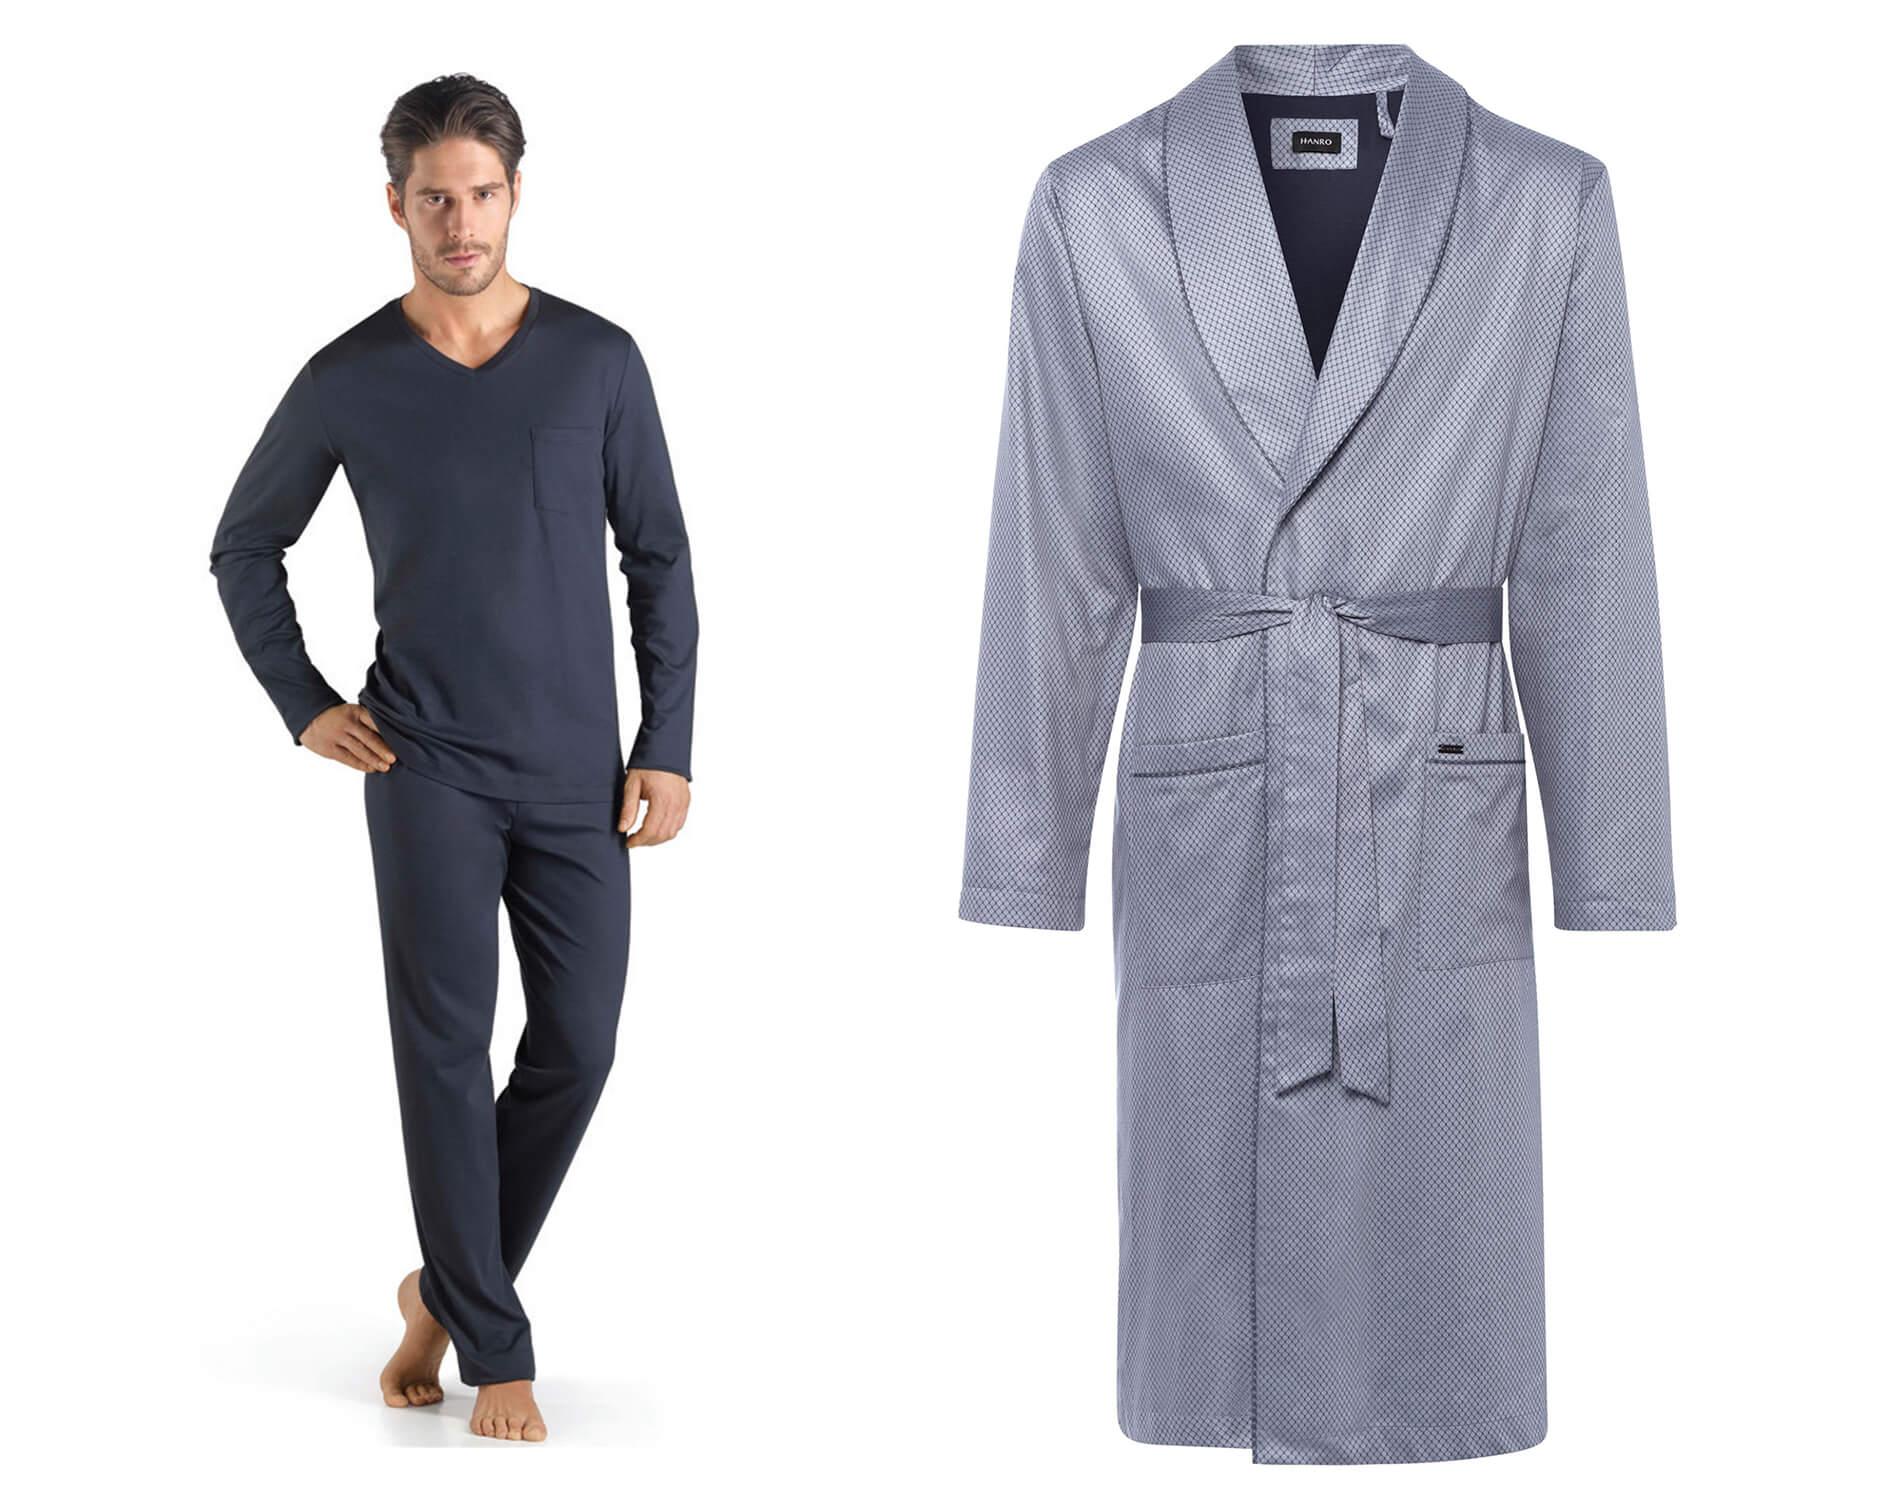 Hanro Sea Island Cotton Long Sleeved Pyjamas Jonas cotton robe